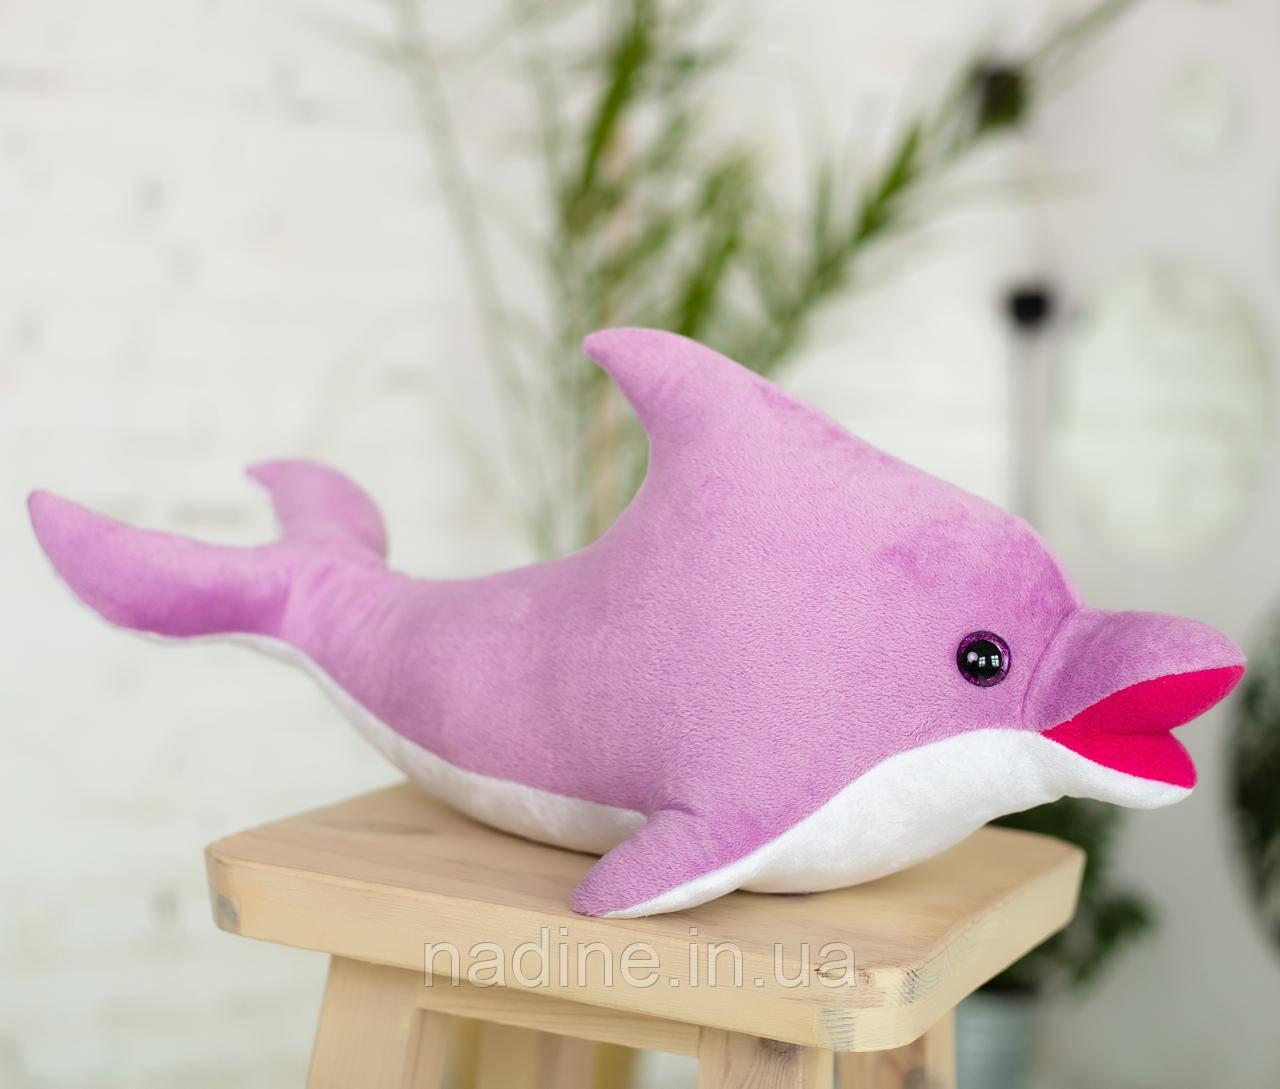 Дельфин игрушка Eirena Nadine (312-L-50) плюшевый 50 см лиловый